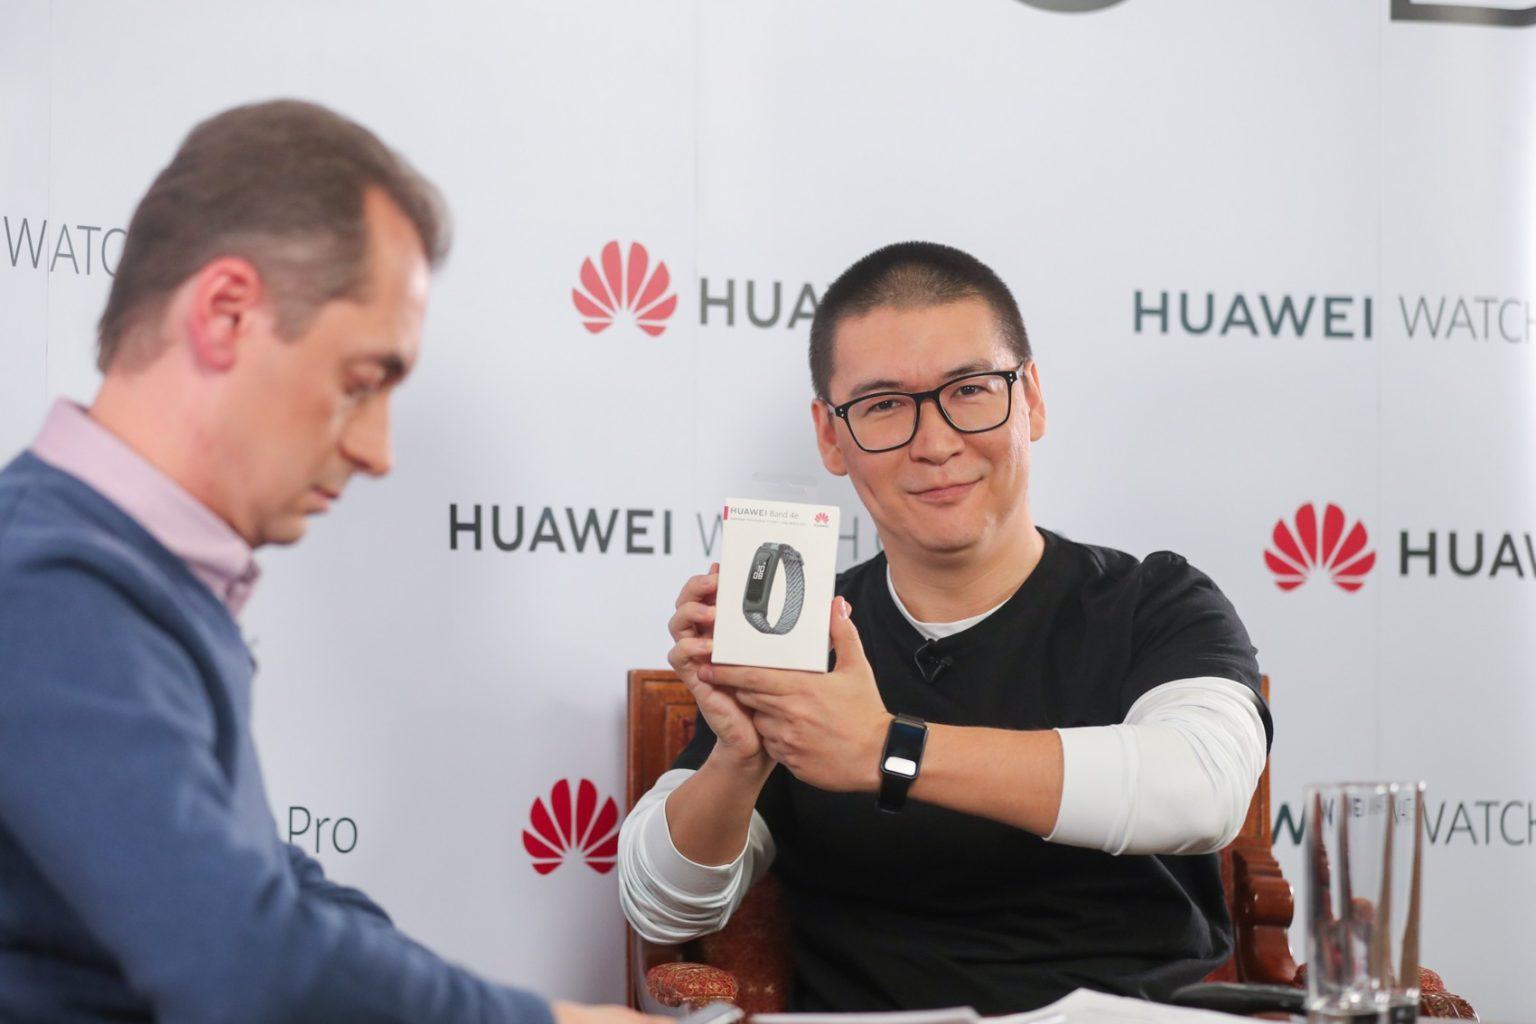 Могут ли часы помочь в лечении коронавируса? Huawei доказывает - да!